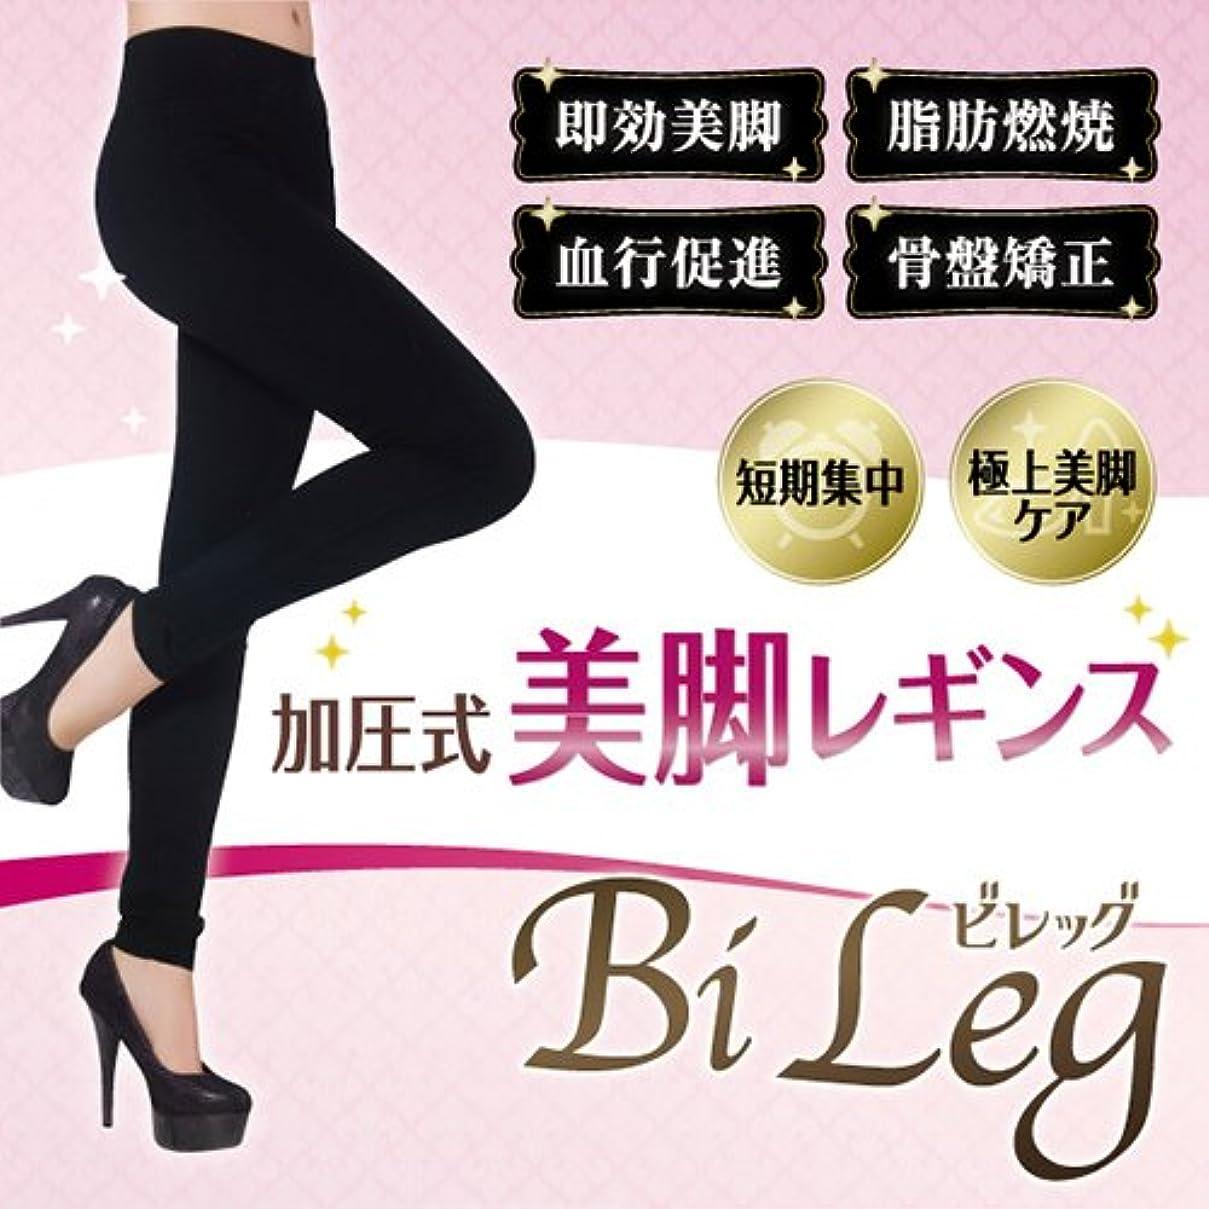 ブレーク香港首【単品】Bi Leg-ビレッグ-